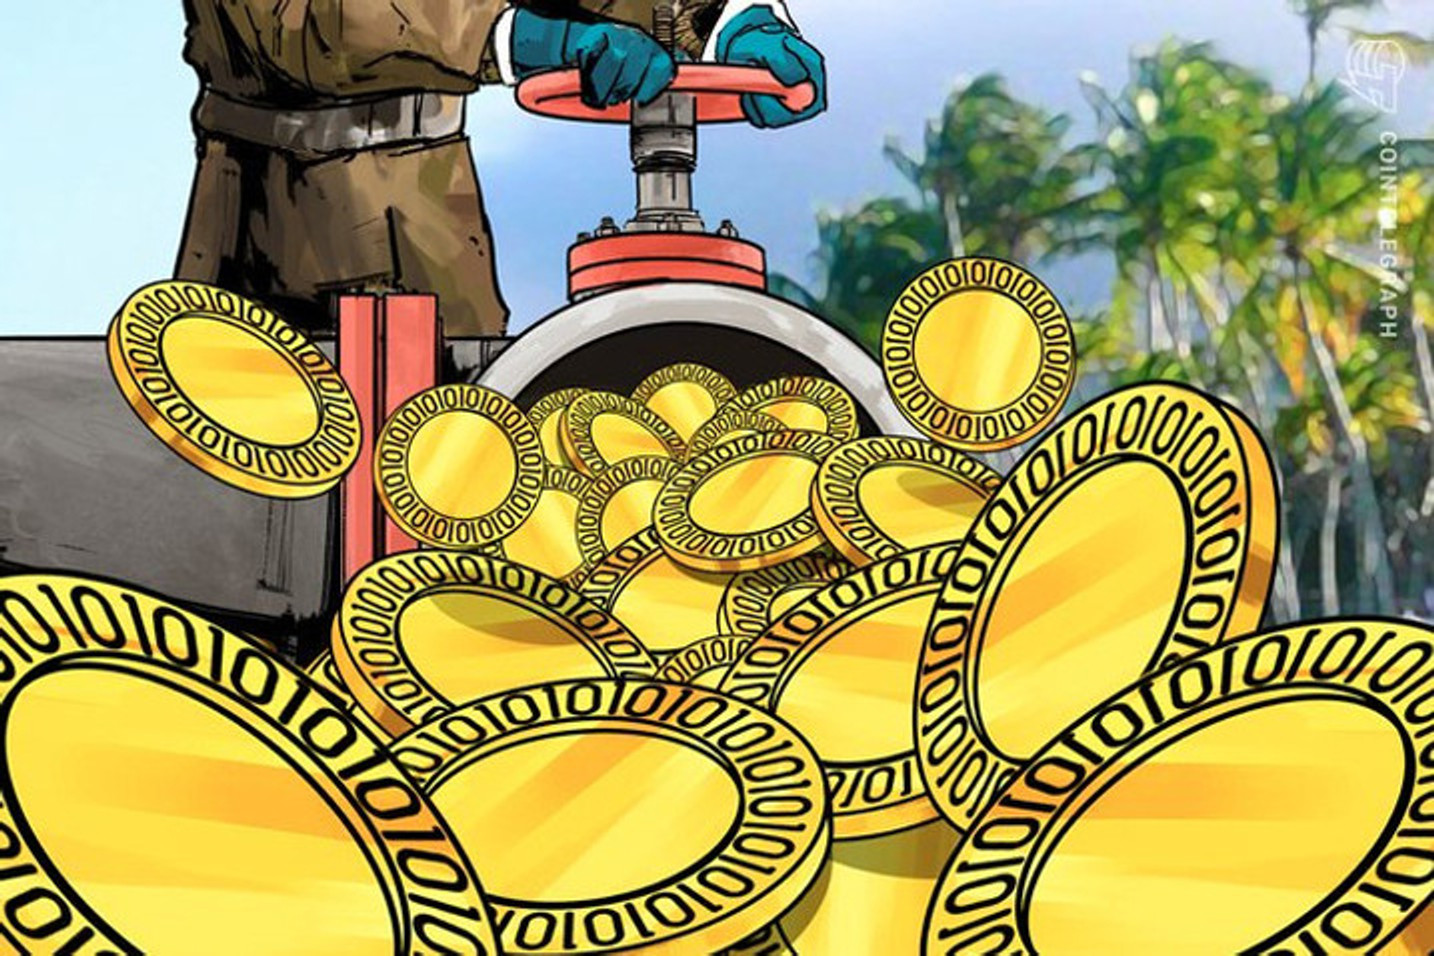 ¿Ha tenido el Petro algún impacto en la economía venezolana?